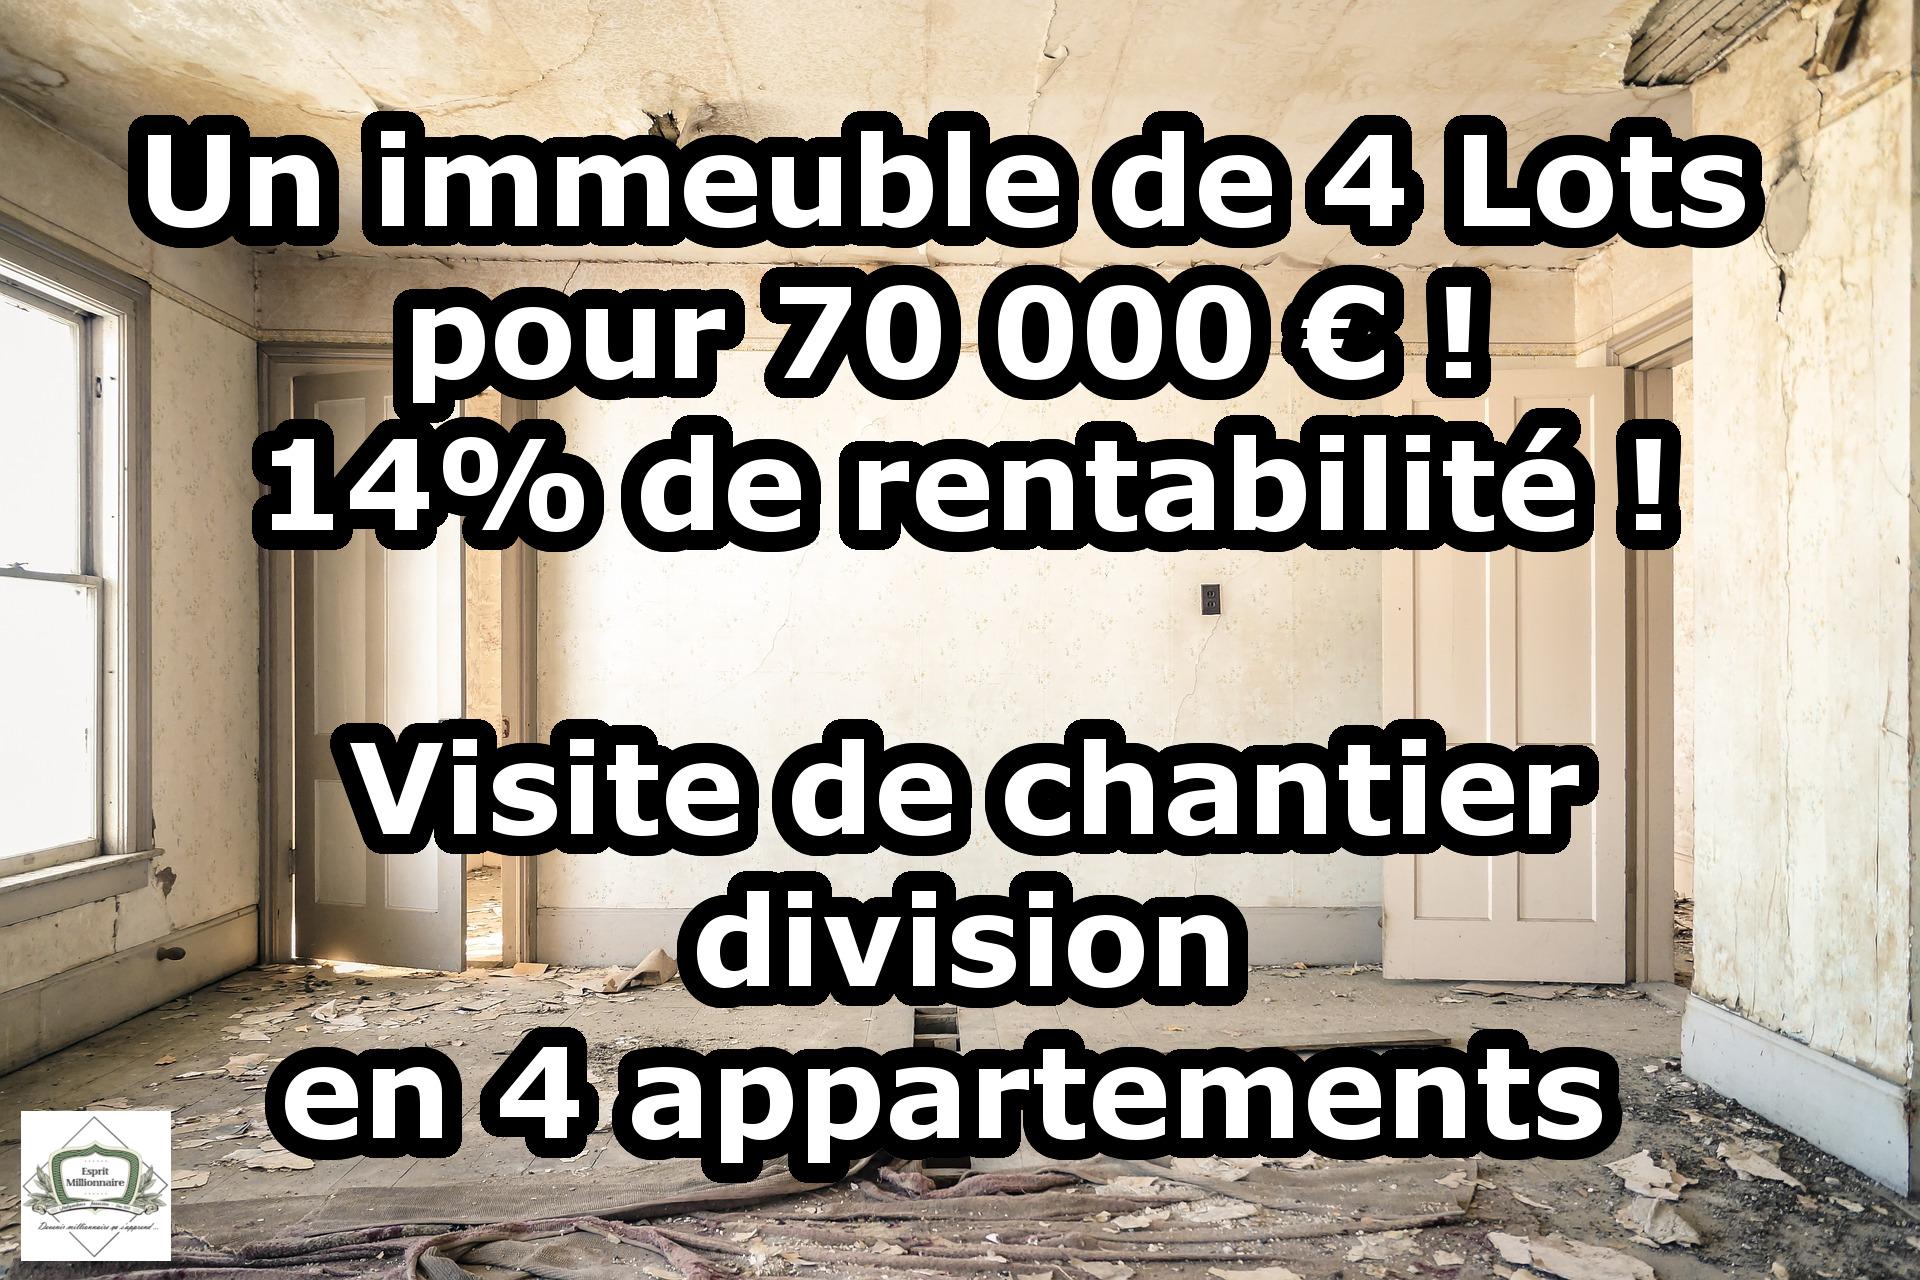 Un immeuble de 4 Lots pour 70 000 € ! 14% de rentabilité ! VISITE DE CHANTIER